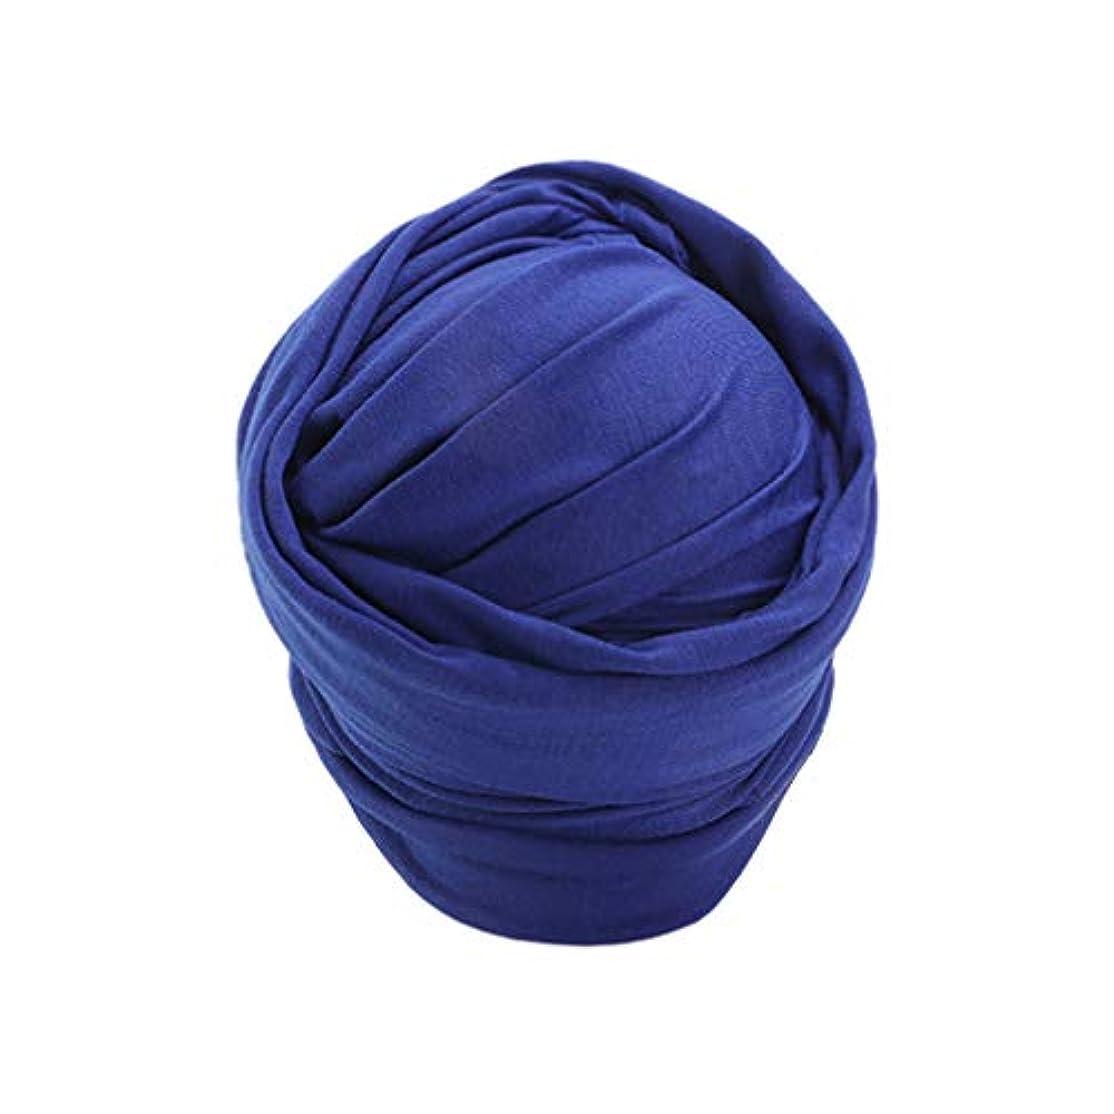 容量開梱ゴールデンHealifty 女性のためのターバンヘッドラップクロスインスタントスカーフヘッドバンドイスラム教徒のヘッドラップブルー